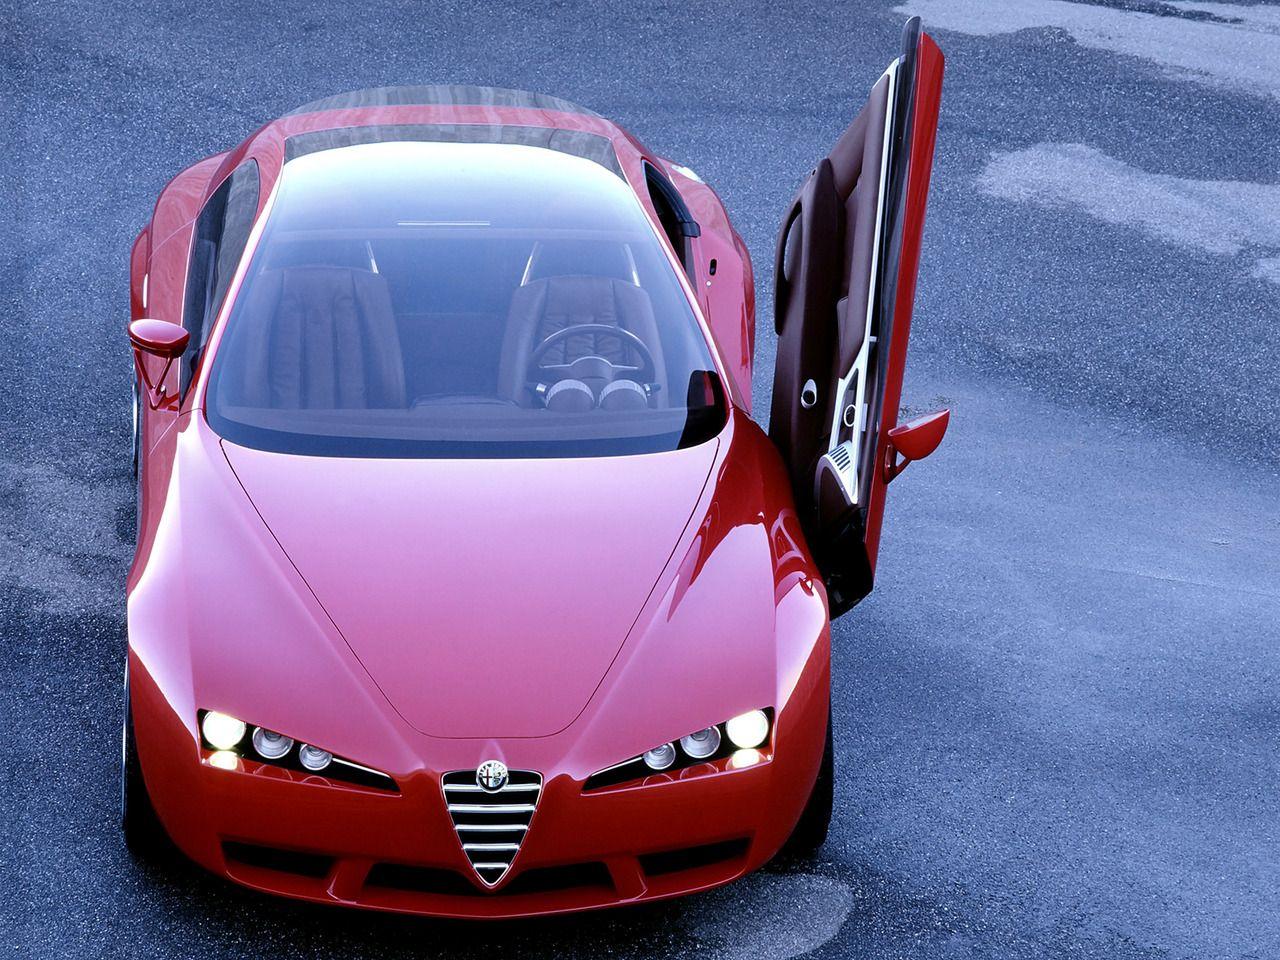 Alfa Romeo Brera Concept Car Alfa Romeo Brera Alfa Romeo Car Wheels Rims